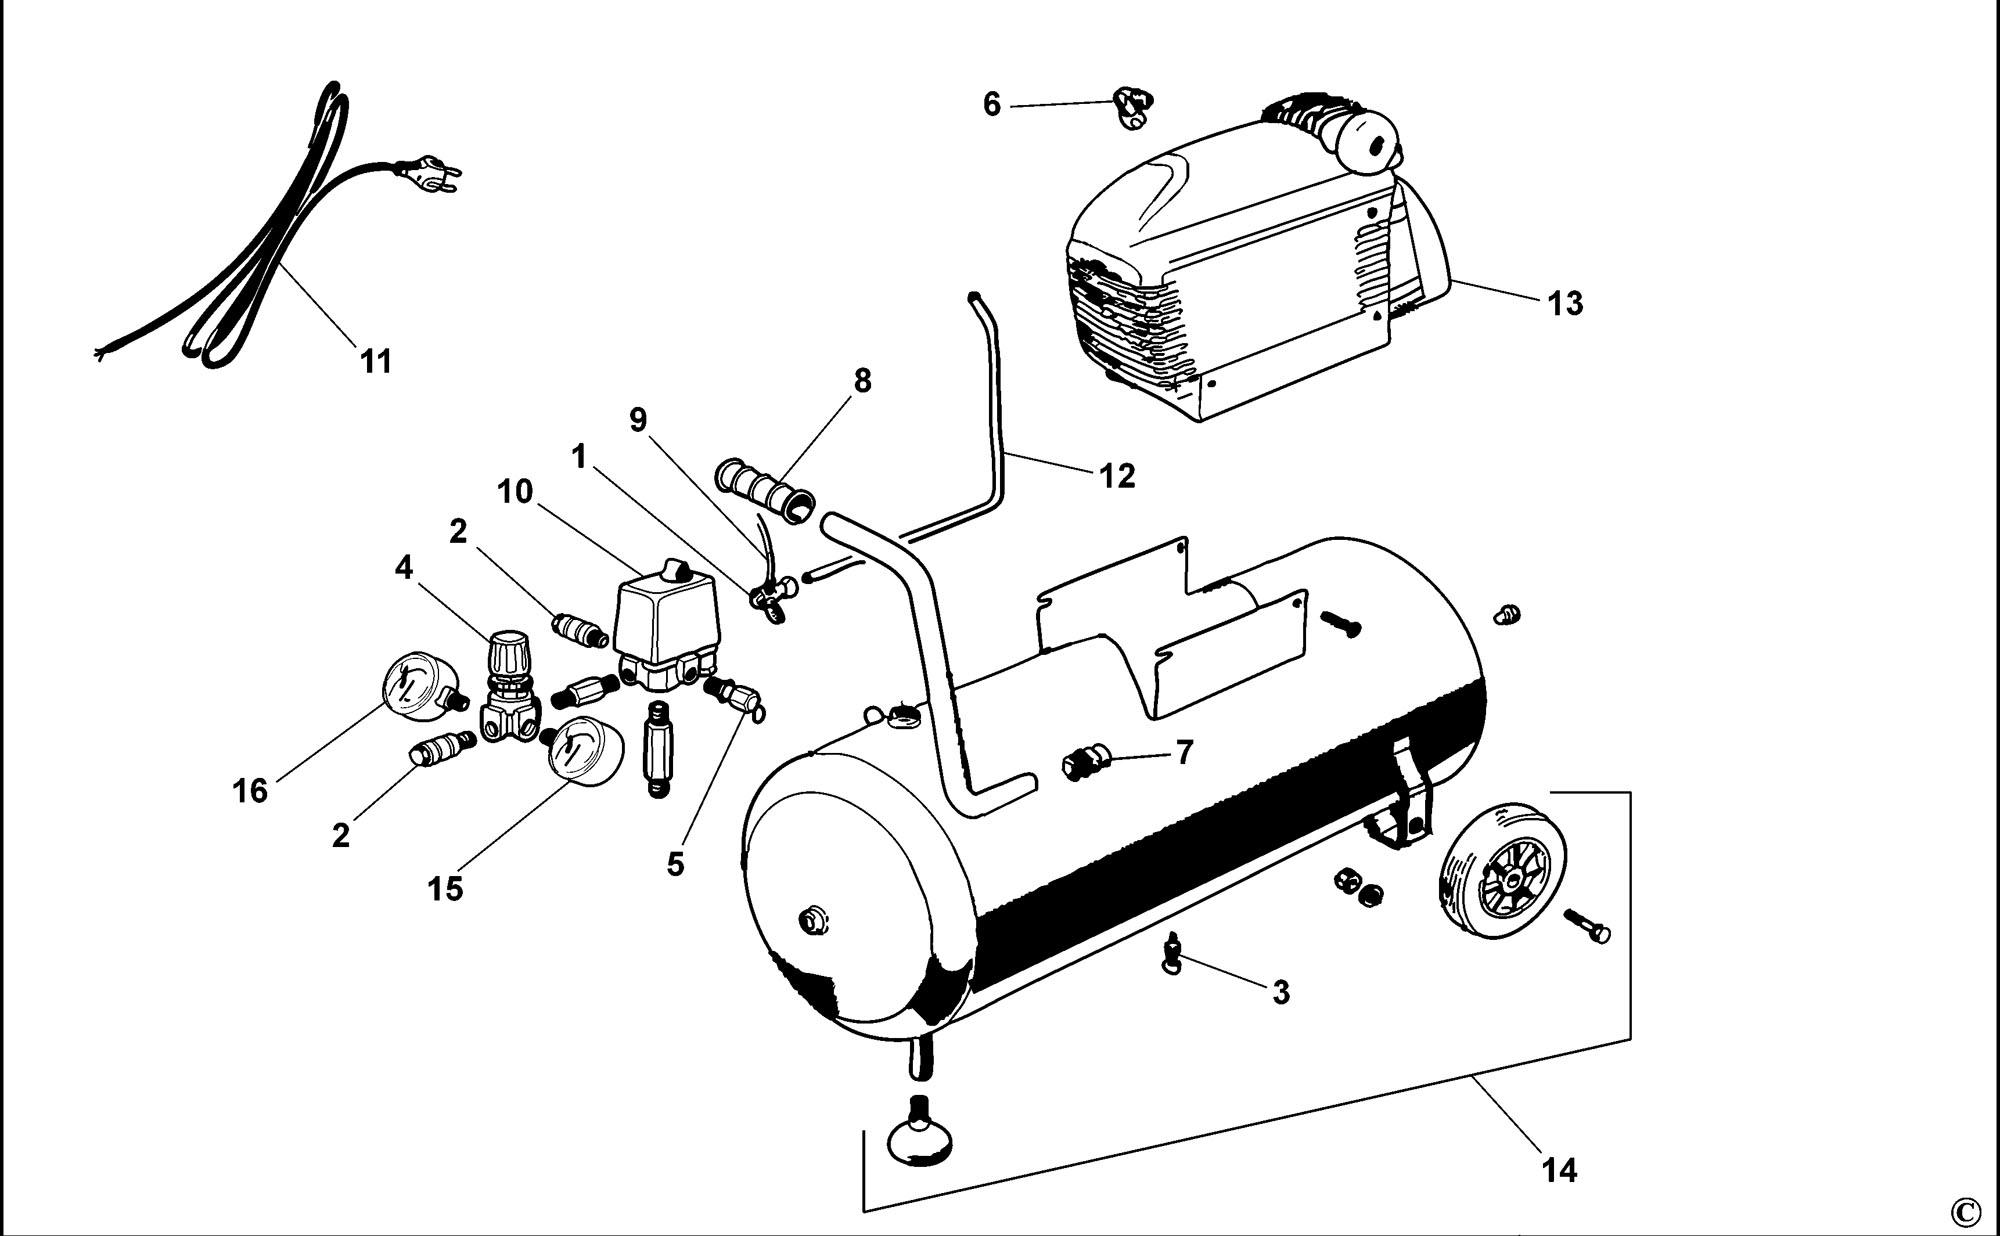 Spares for Bostitch C24 Compressor (type Reva) SPARE_C24